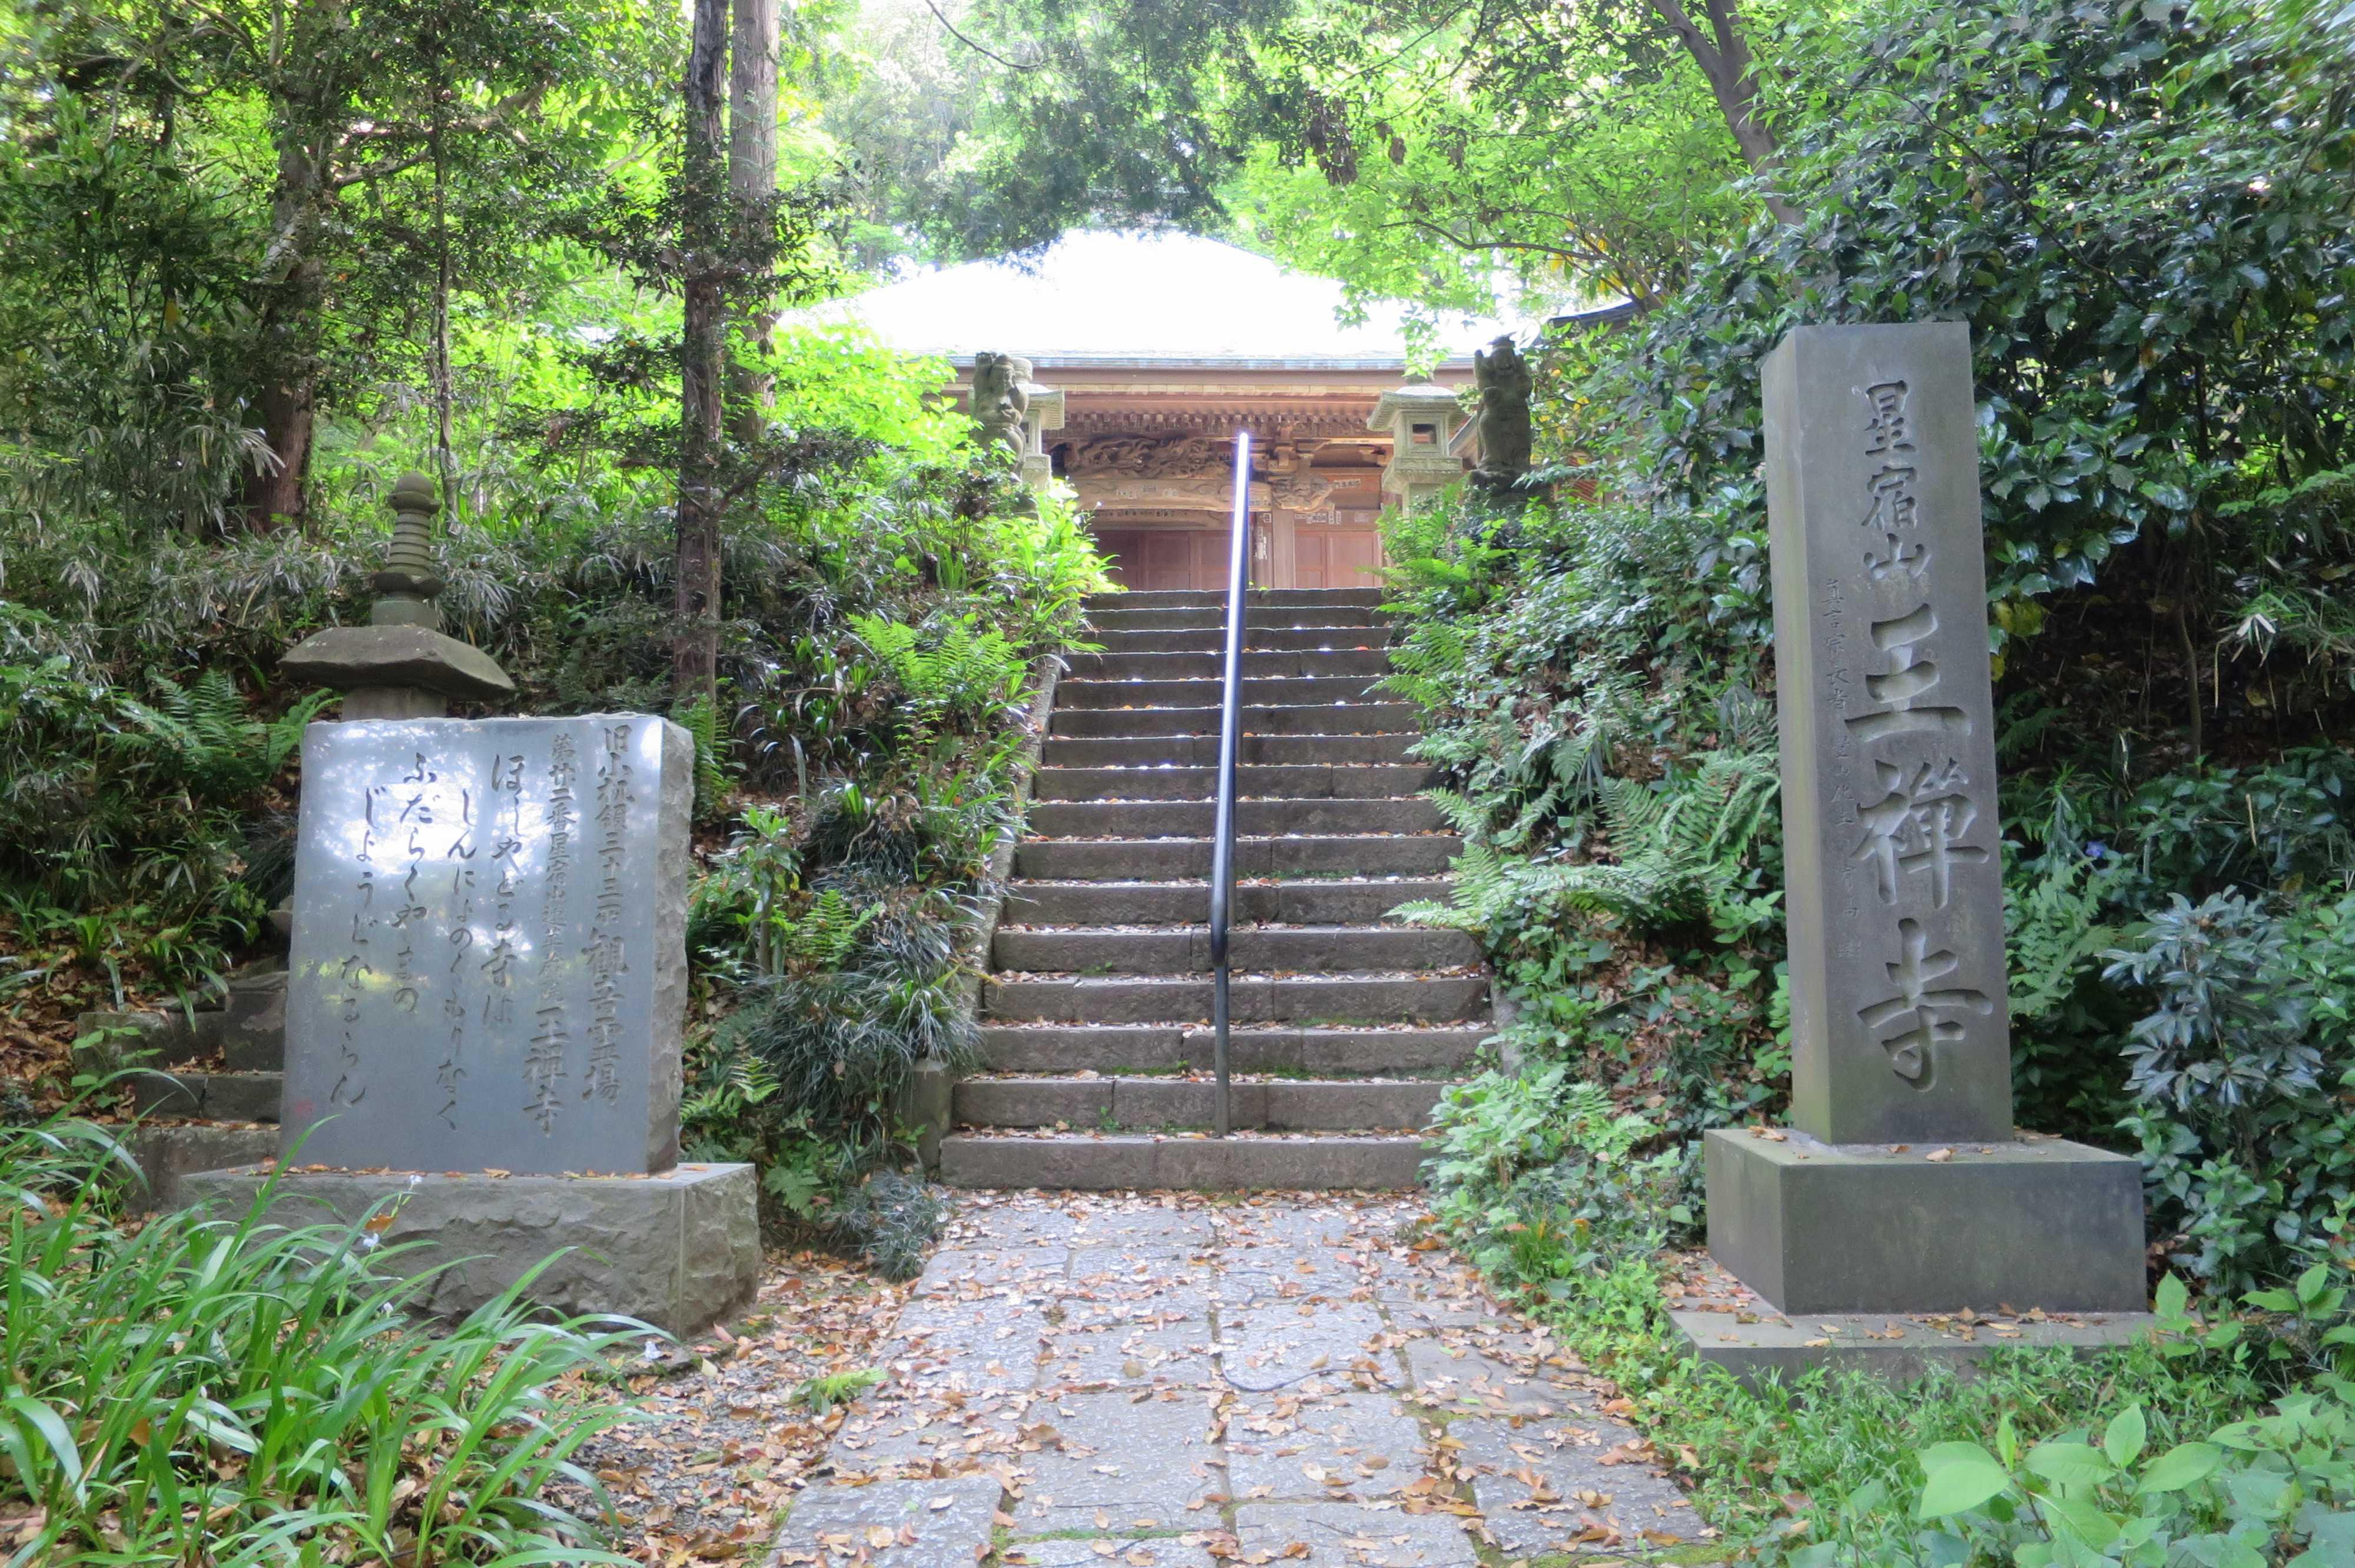 王禅寺の観音堂への石畳と石段